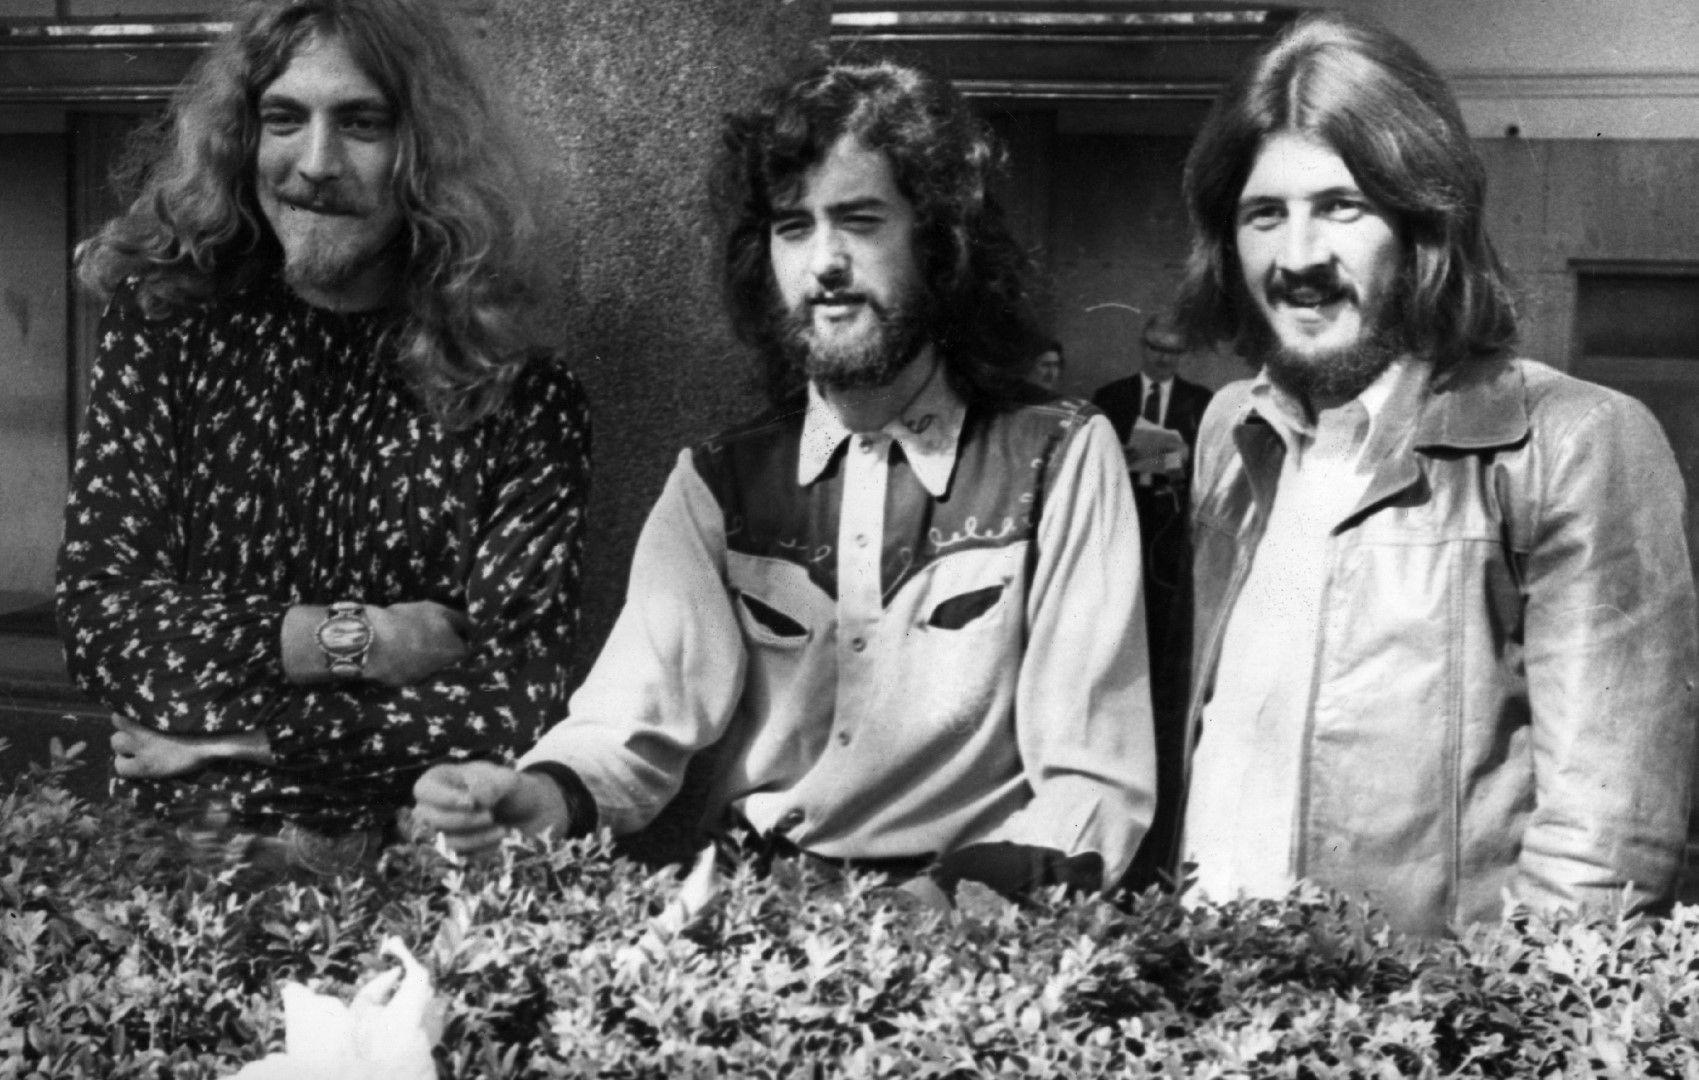 16 септември, 1970 г., Робърт Плант, китаристът Джими Пейдж и барабанистът Джон Бонъм.